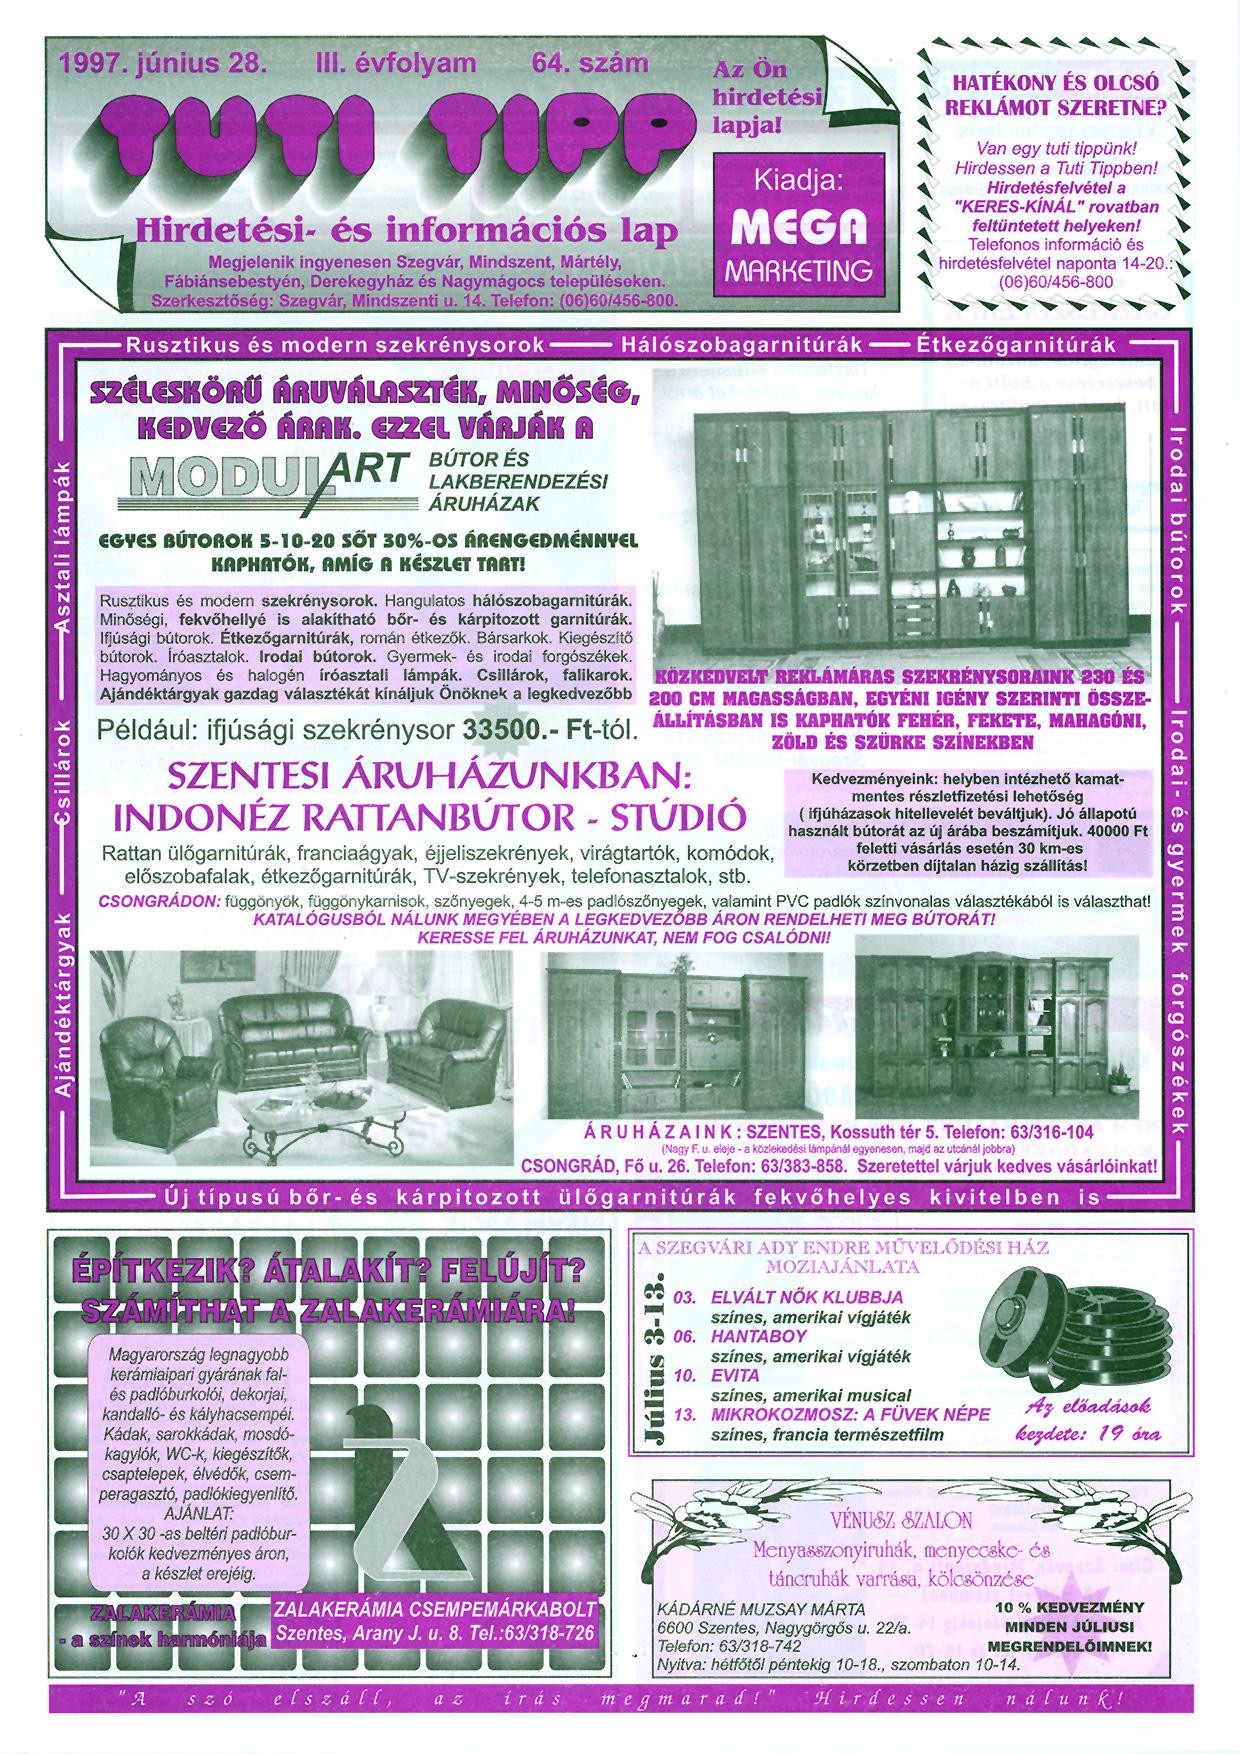 021 Tuti Tipp reklámújság - 19970628-064. lapszám - 1.oldal - III. évfolyam.jpg